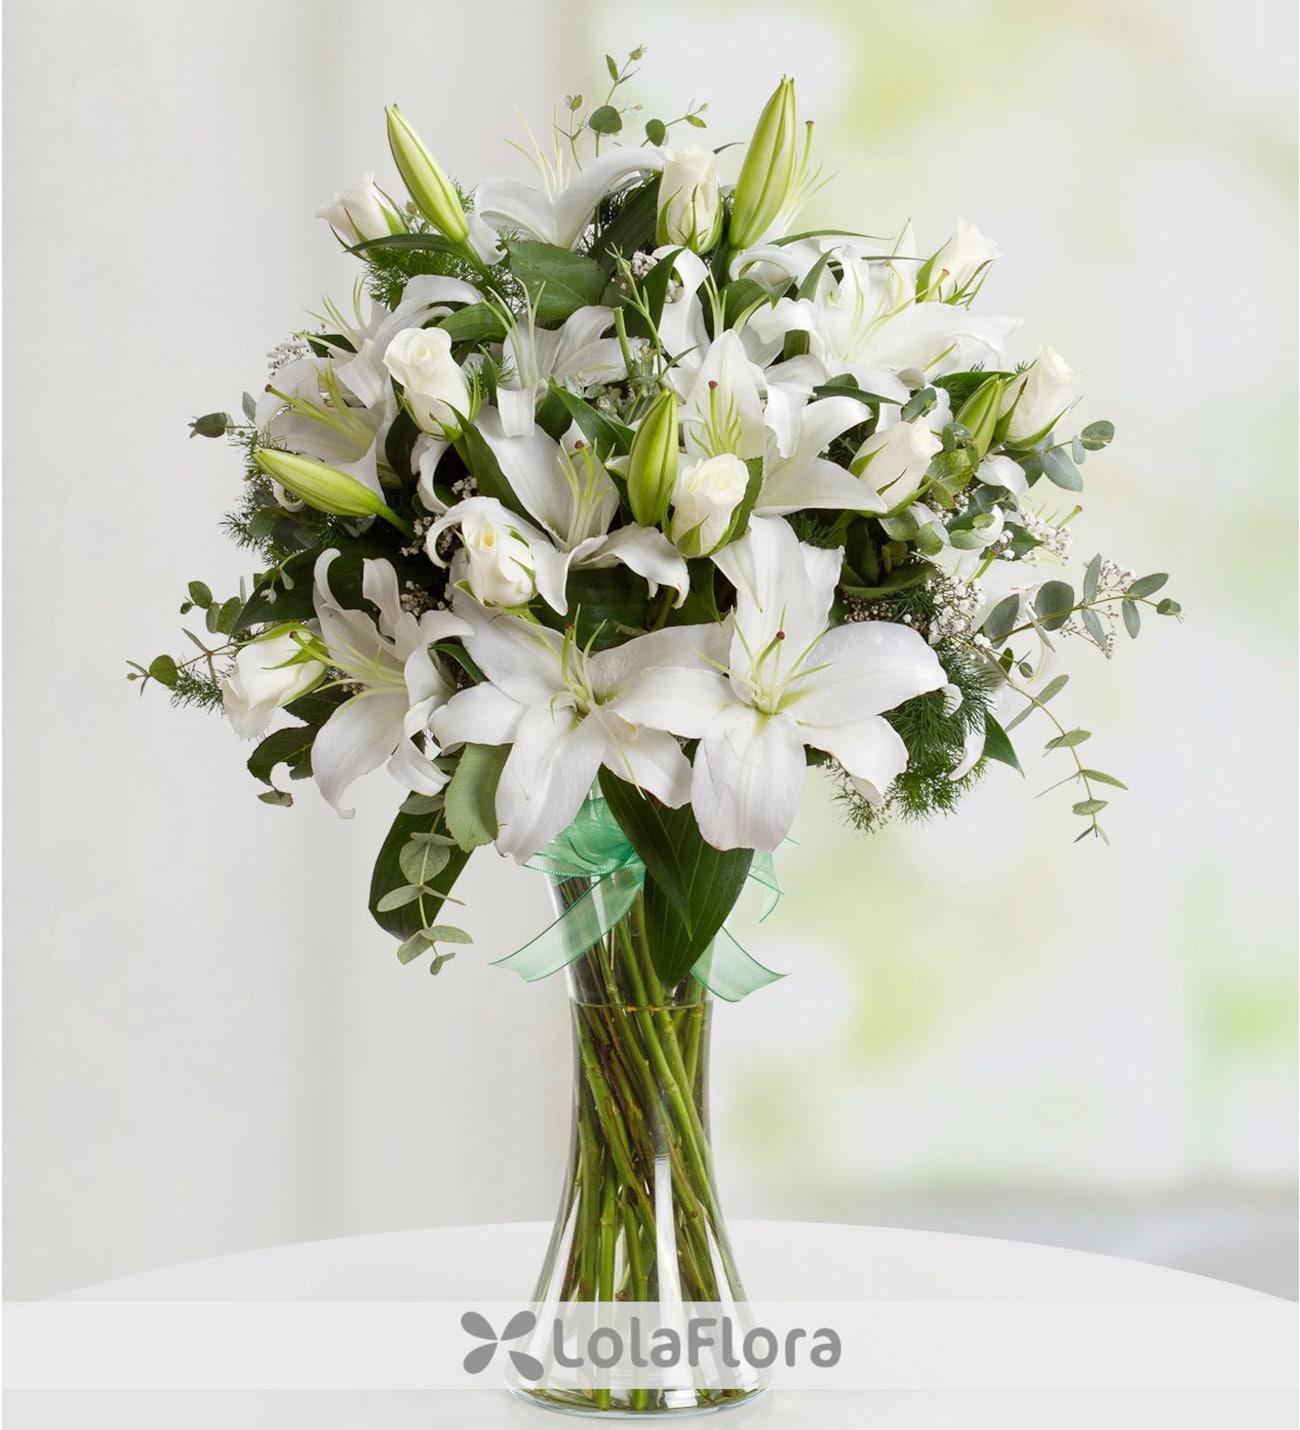 Mazzo Di Fiori 30 Euro.White Rose Lily Bouquet Elegant Floral Gifts On Lolaflora